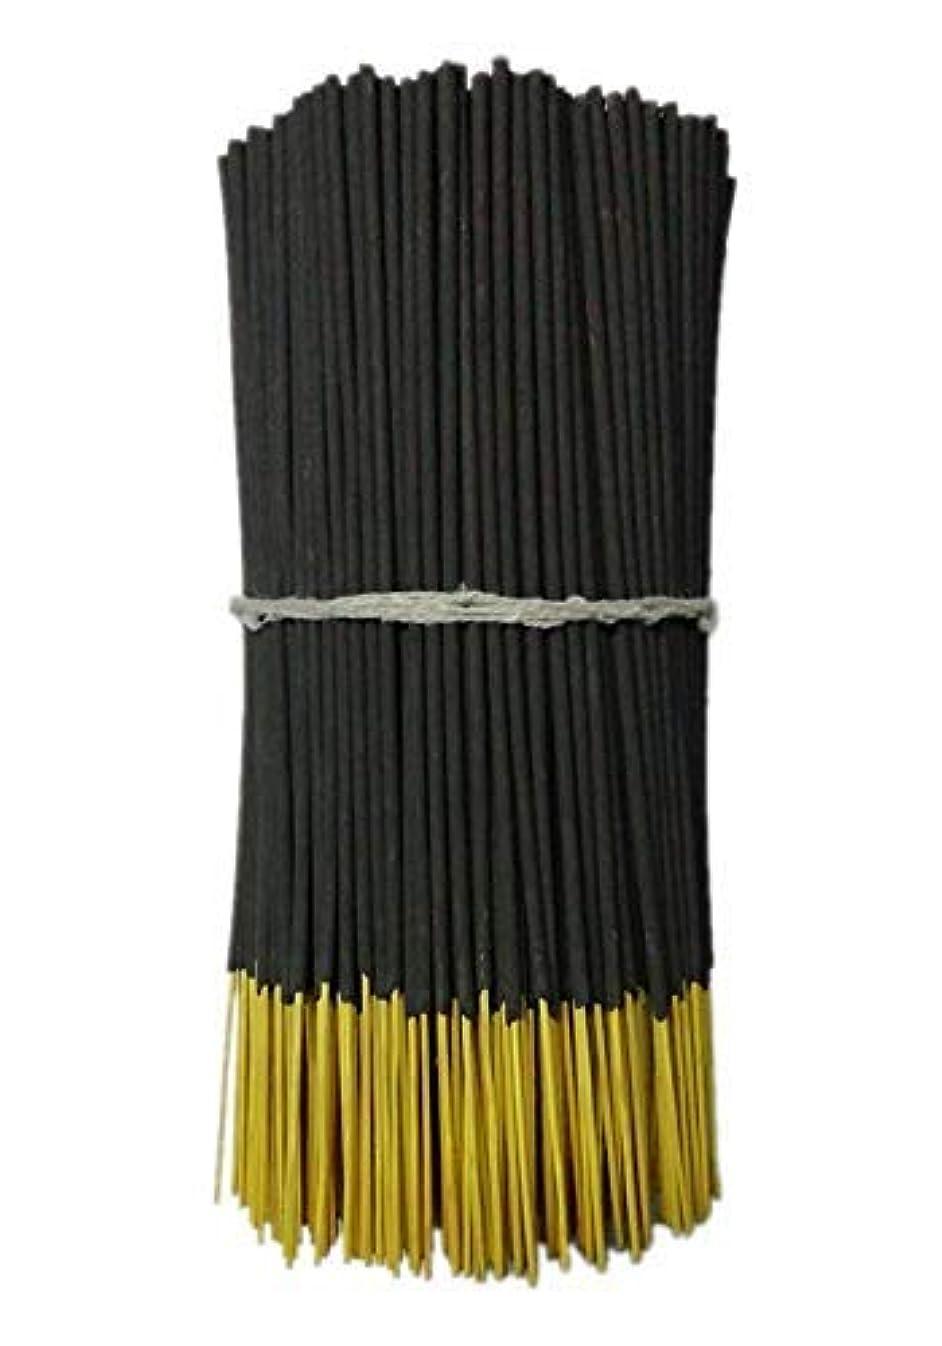 争い致死印をつけるAMUL Agarbatti Black Incense Sticks (1 Kg. Pack)